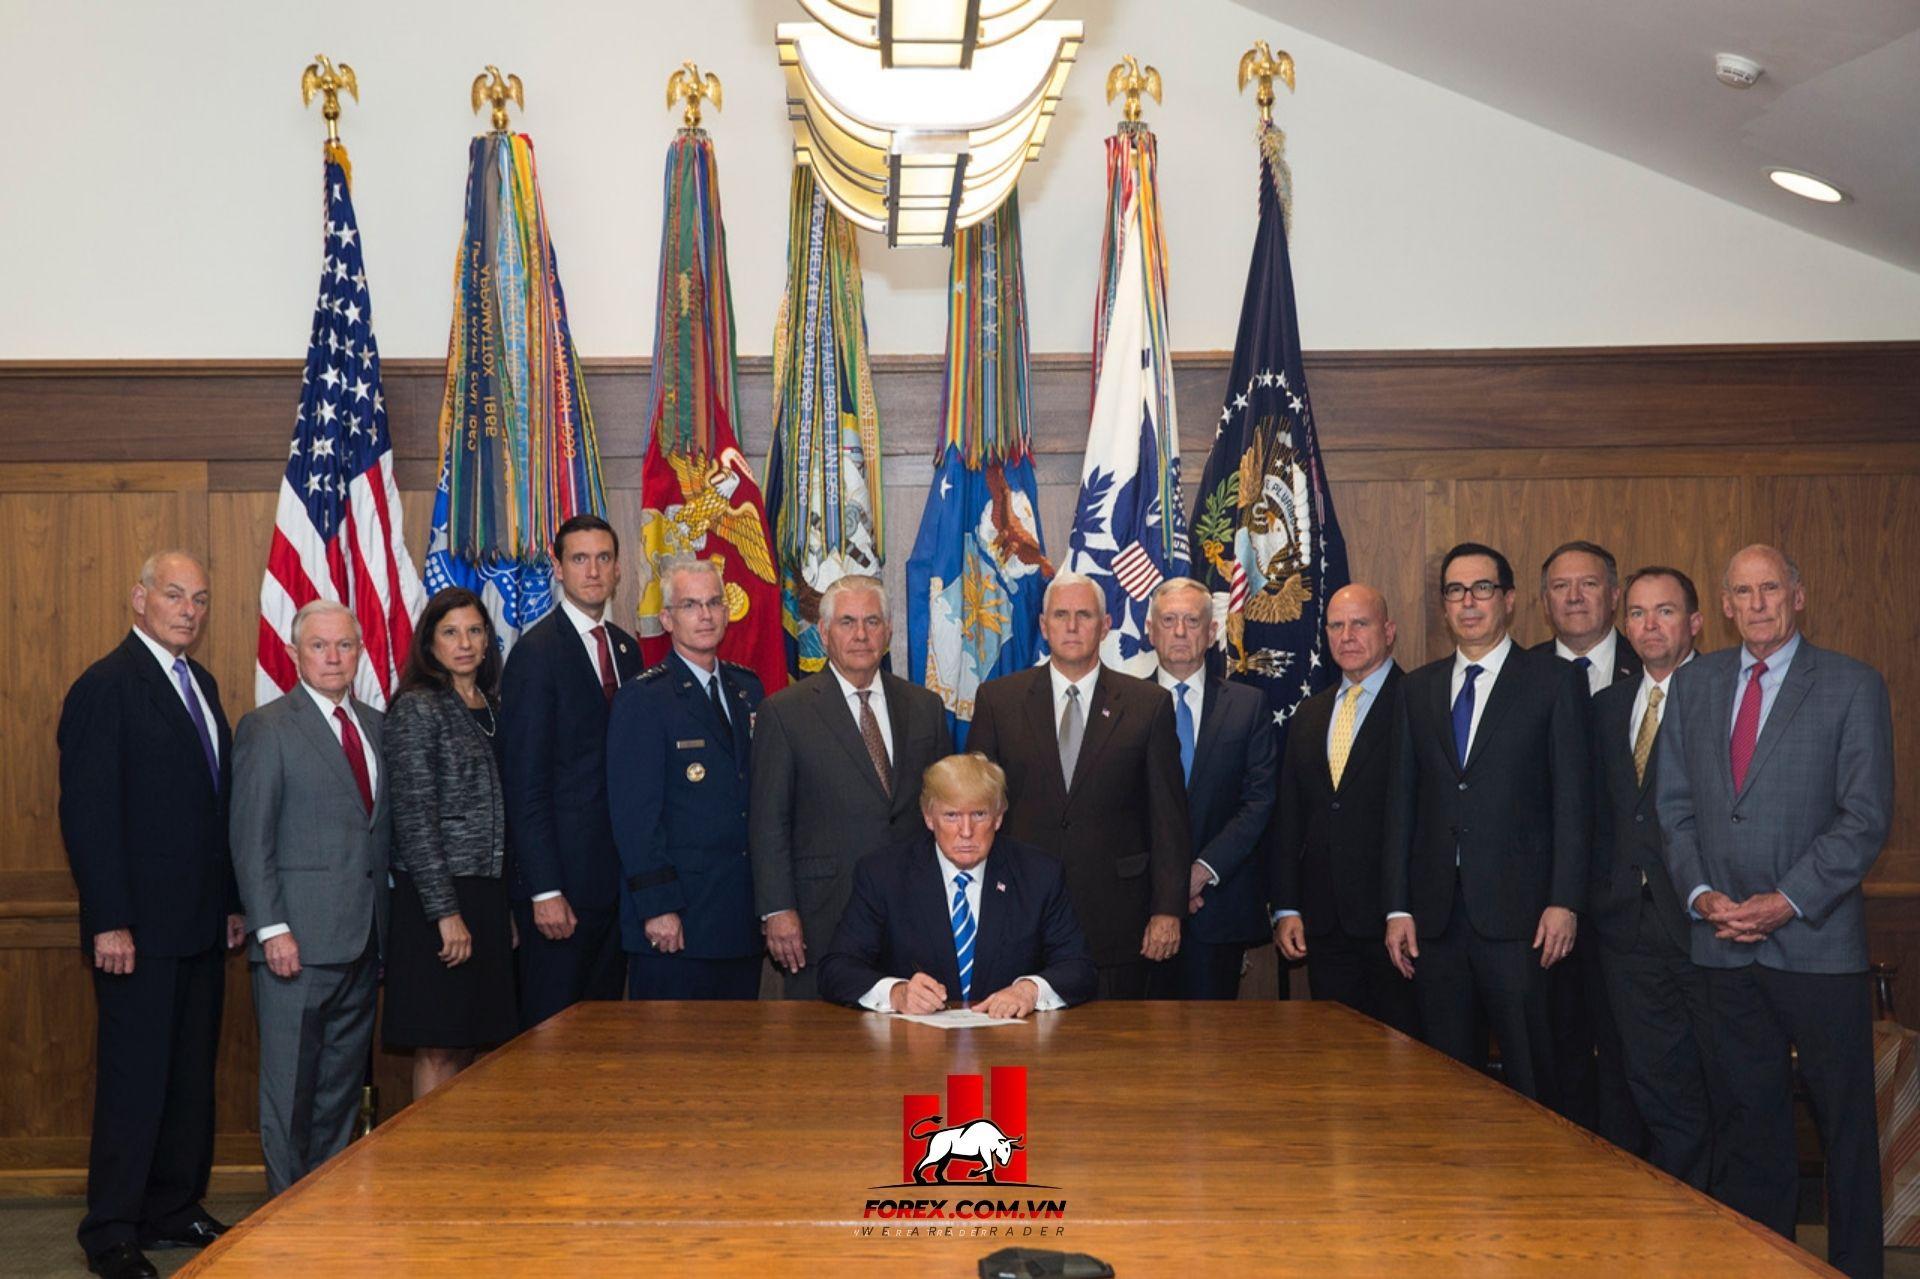 chính quyền Trump hiện đã đồng ý với một chiến lược được thiết kế để _tiêu diệt Covid-19_